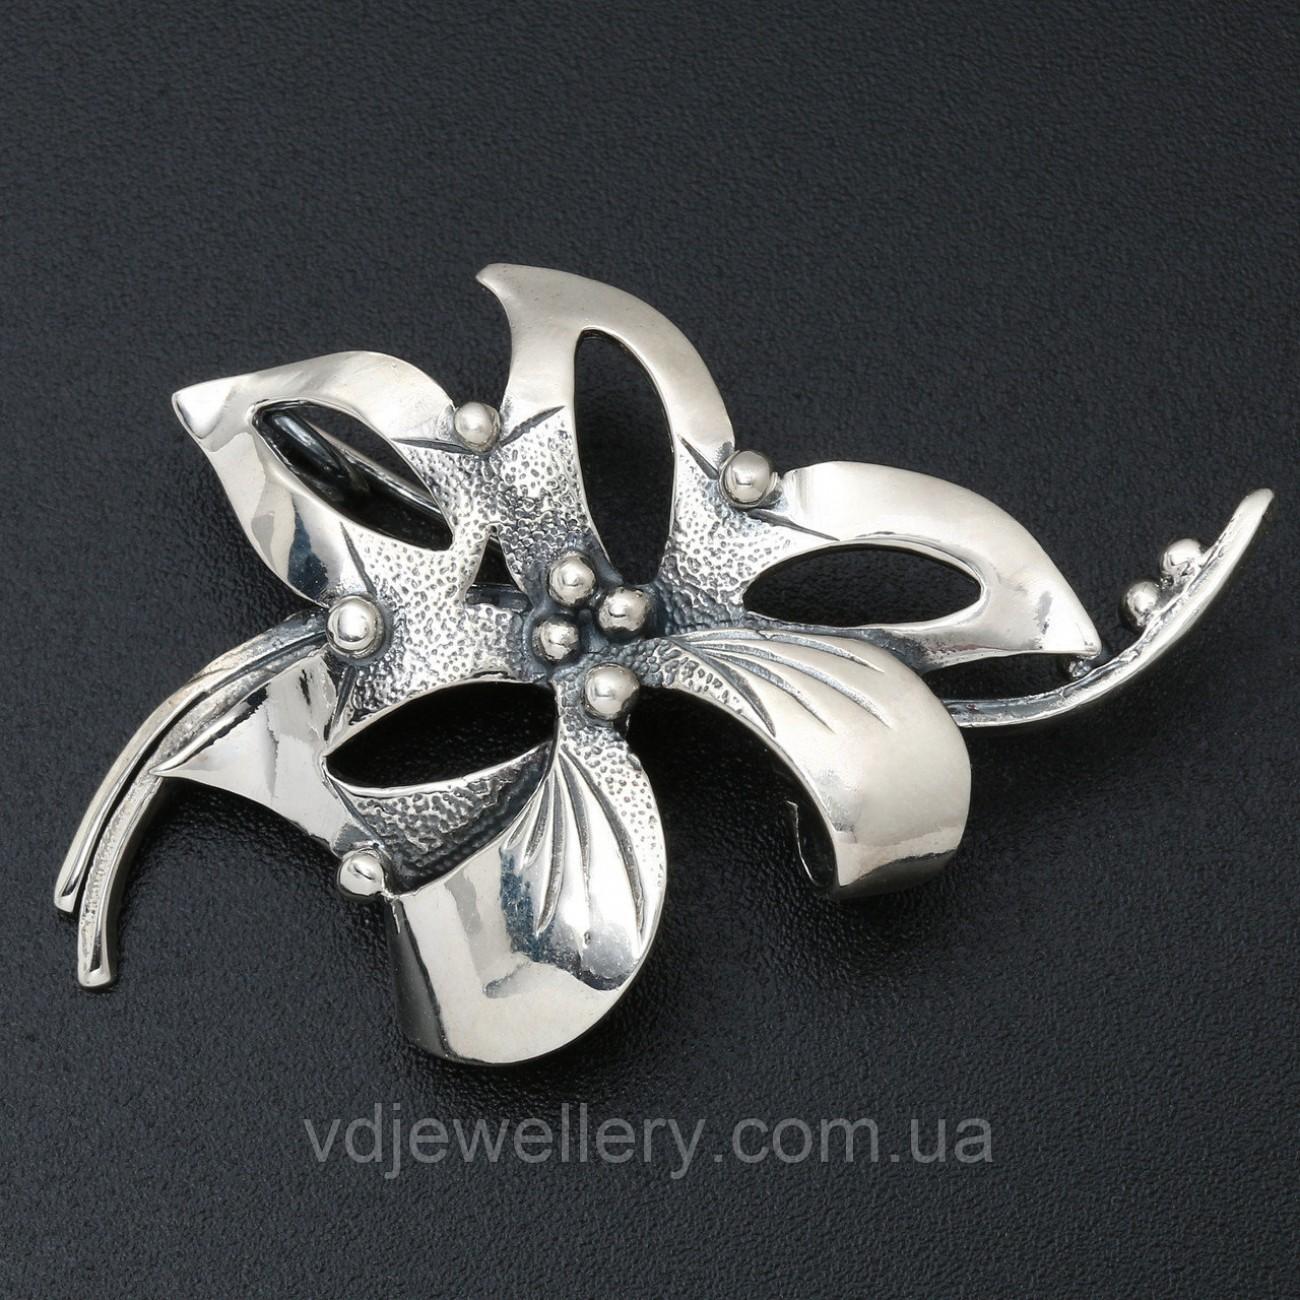 Серебряная брошка 6100012